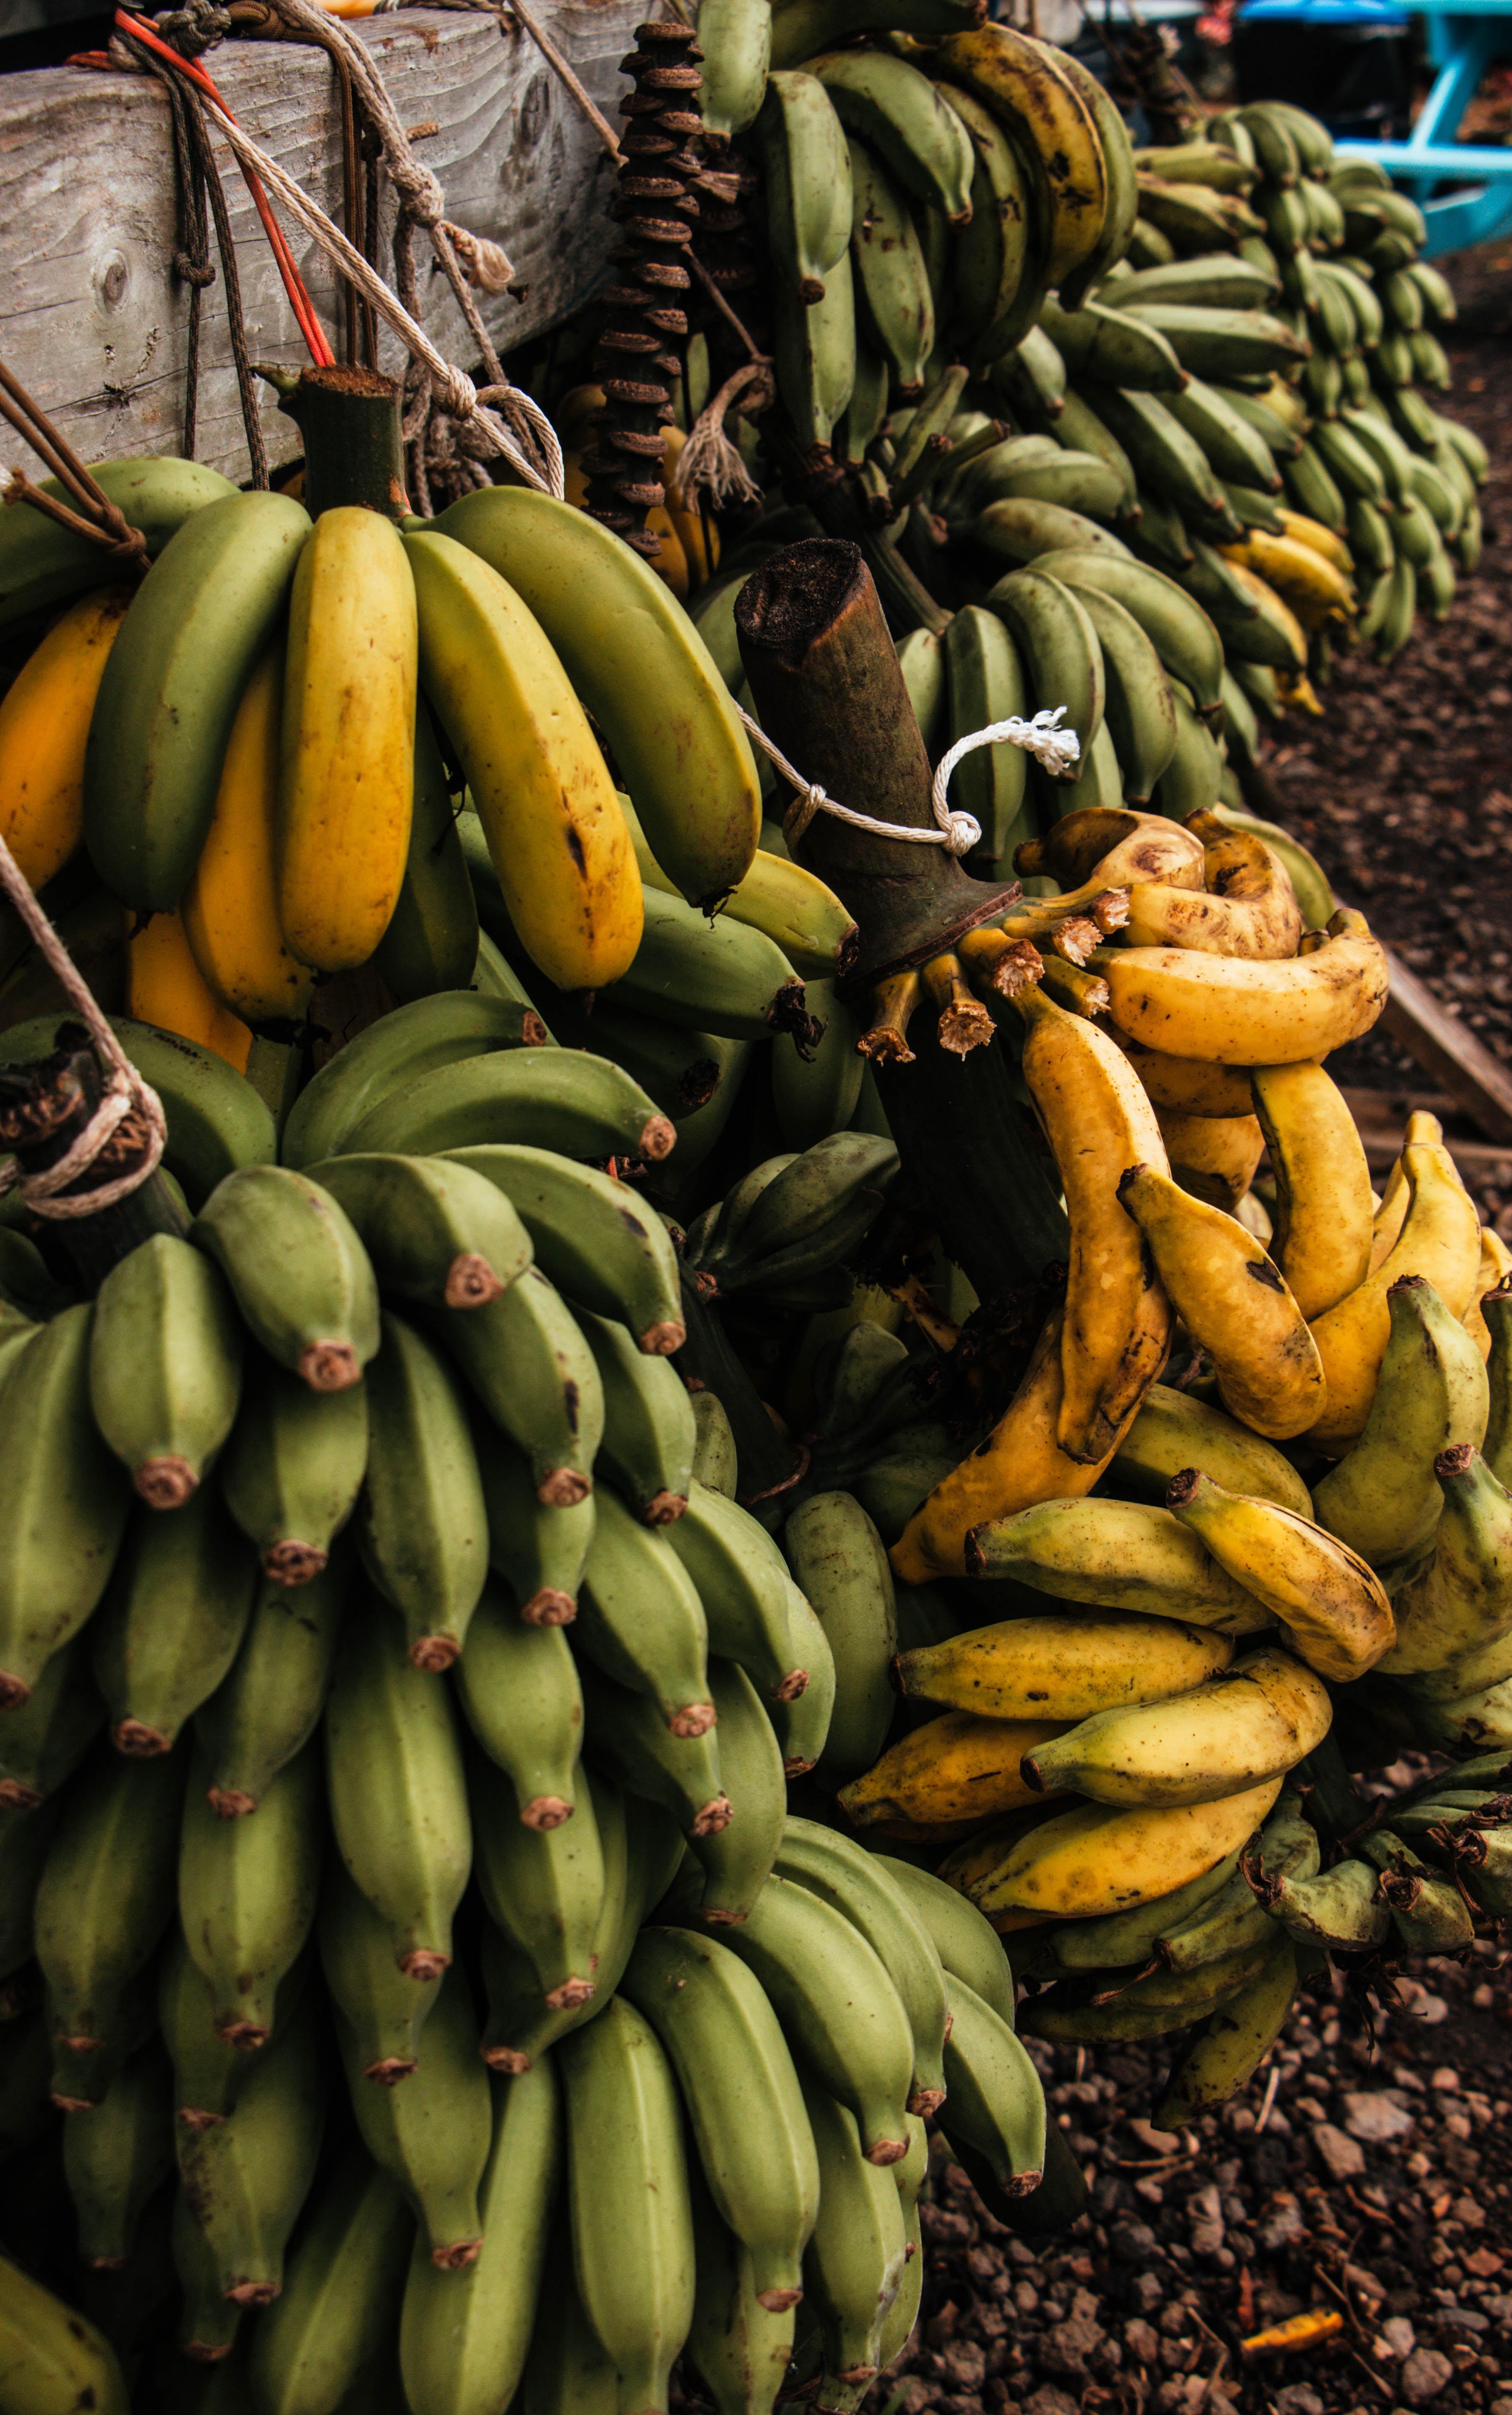 Banany właściwości (założę się że wszystkich nie znałeś)